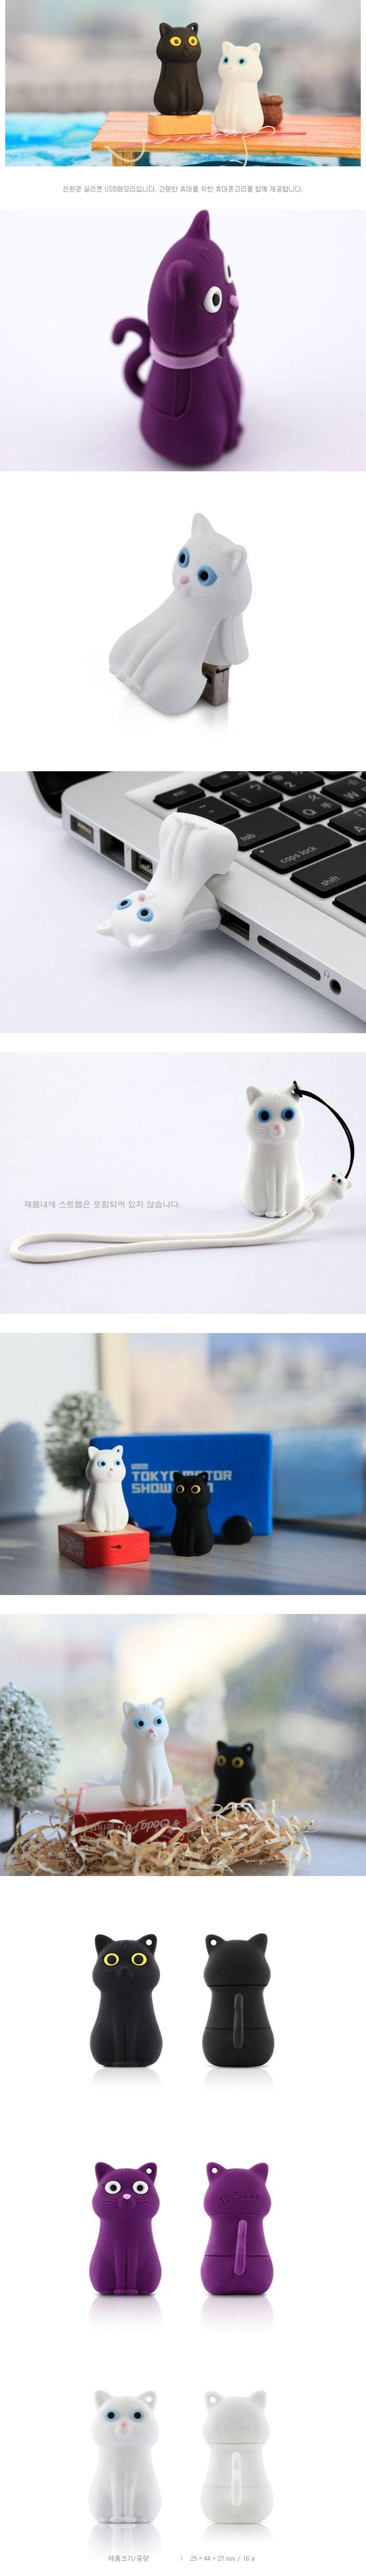 본컬렉션 캐릭터 USB메모리 고양이 16GB (퍼플) - 본컬렉션A, 24,900원, 캐릭터형 USB 메모리, USB 16G